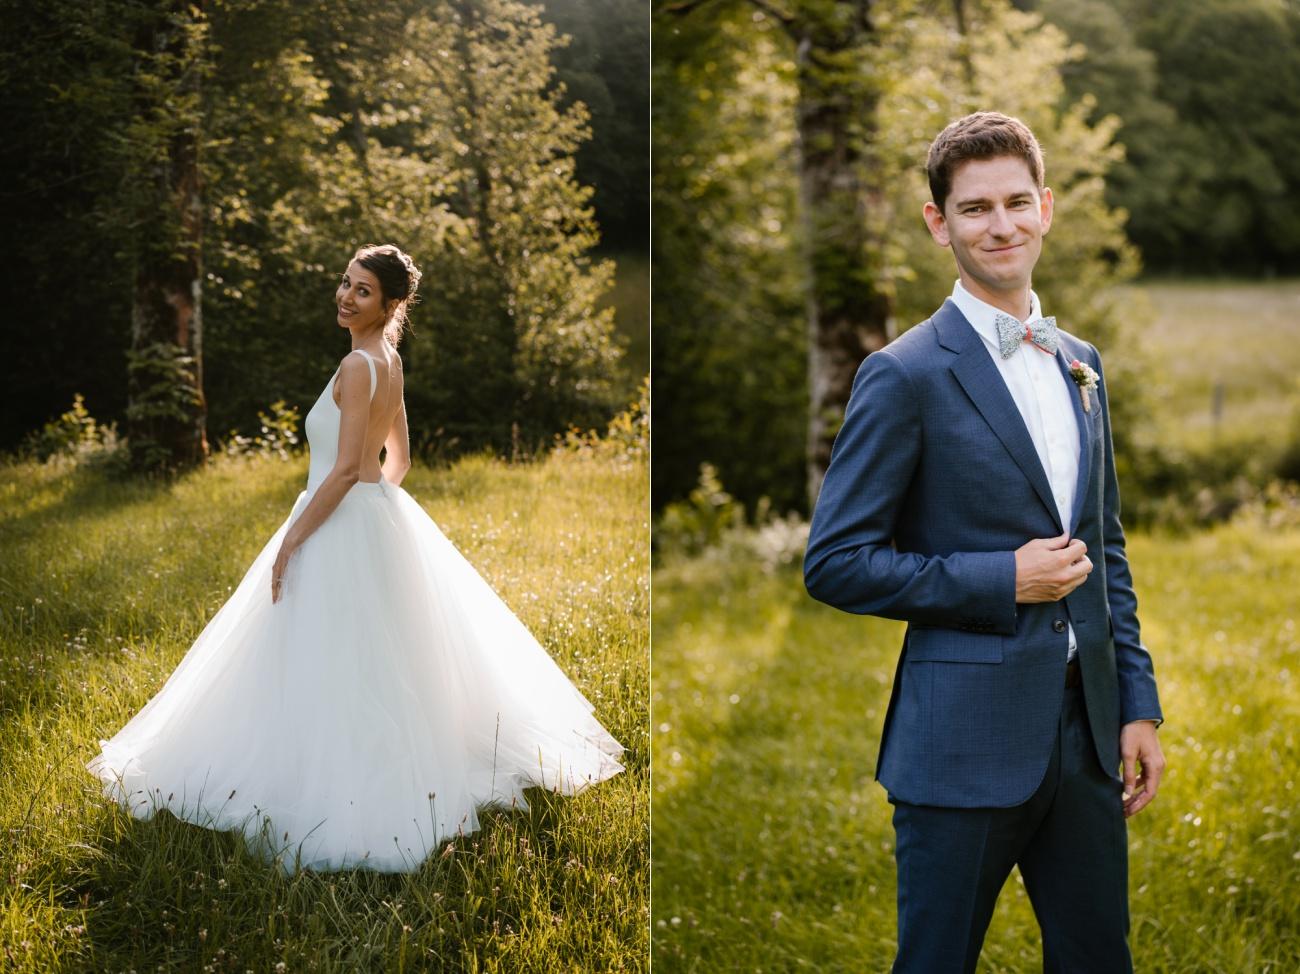 Mariage intime au château de Miremont, en Auvergne, par Priscillia Hervier, photographe de mariages , portrait des mariés